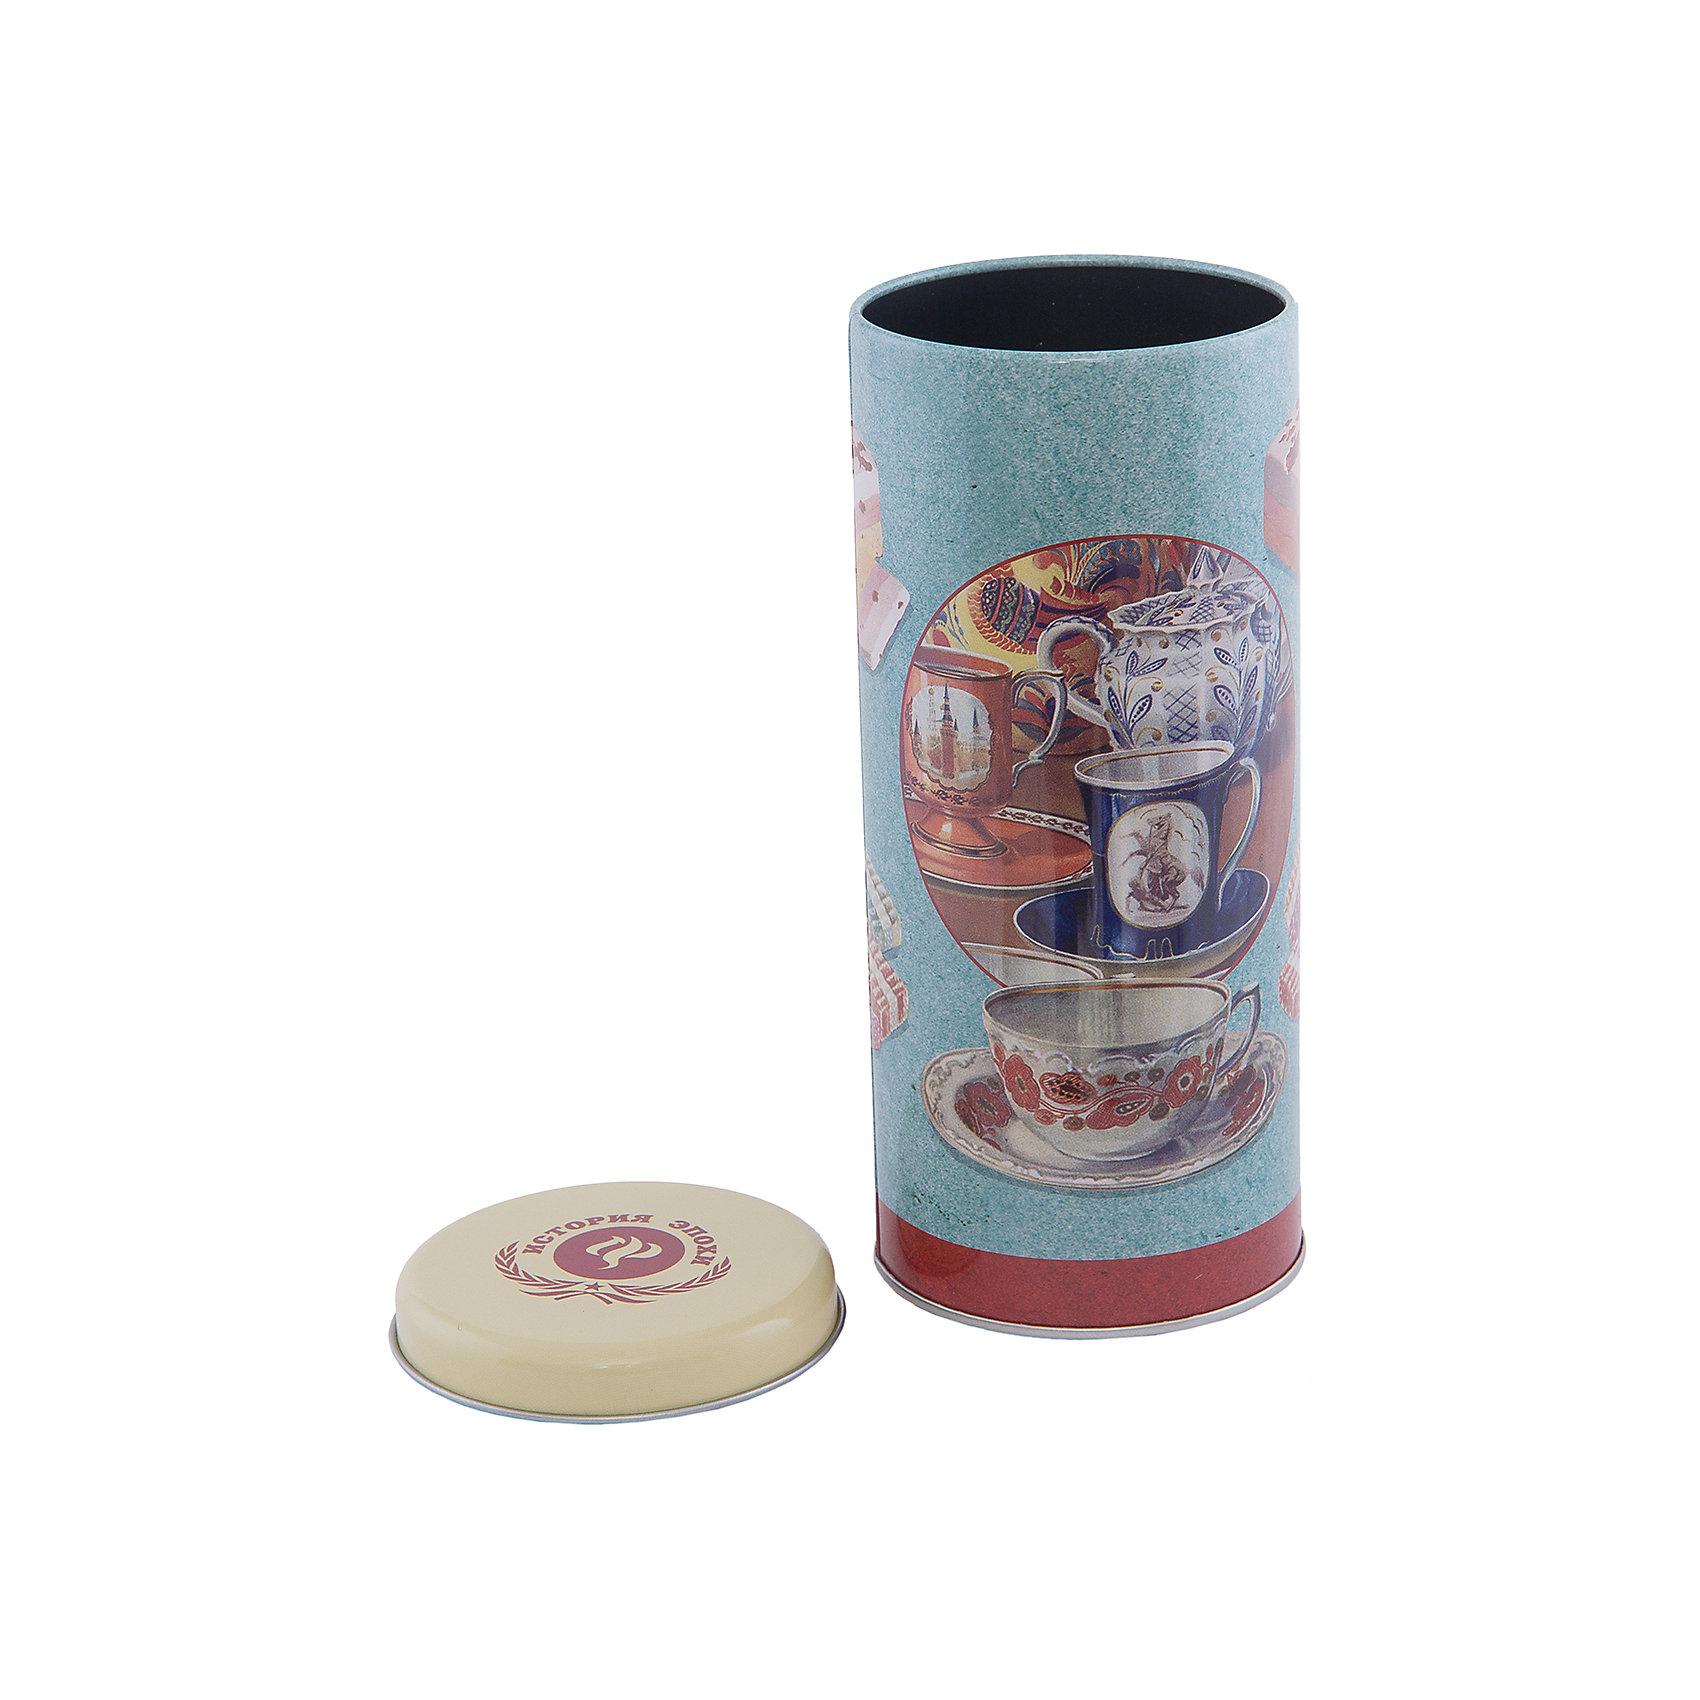 Емкость для сыпучих продуктов Чаепитие 800 млЕмкость для сыпучих продуктов Чаепитие изготовлена из металла и украшена рисунком с изображением печенья. Удобно закрывается крышкой во избежание появления неприятных запахов. В такой емкости удобно хранить чай, крупы, сахар и другие сыпучие предметы. Прекрасно впишется в интерьер кухни!<br><br>Дополнительная информация:<br>Материал: металл<br>Объем: 800 мл<br>Размер: 7,5х7,5х17,5 см<br>Вес: 90 грамм<br><br>Емкость для сыпучих продуктов Чаепитие можно купить в нашем интернет-магазине.<br><br>Ширина мм: 560<br>Глубина мм: 340<br>Высота мм: 480<br>Вес г: 101<br>Возраст от месяцев: 84<br>Возраст до месяцев: 216<br>Пол: Унисекс<br>Возраст: Детский<br>SKU: 4957996